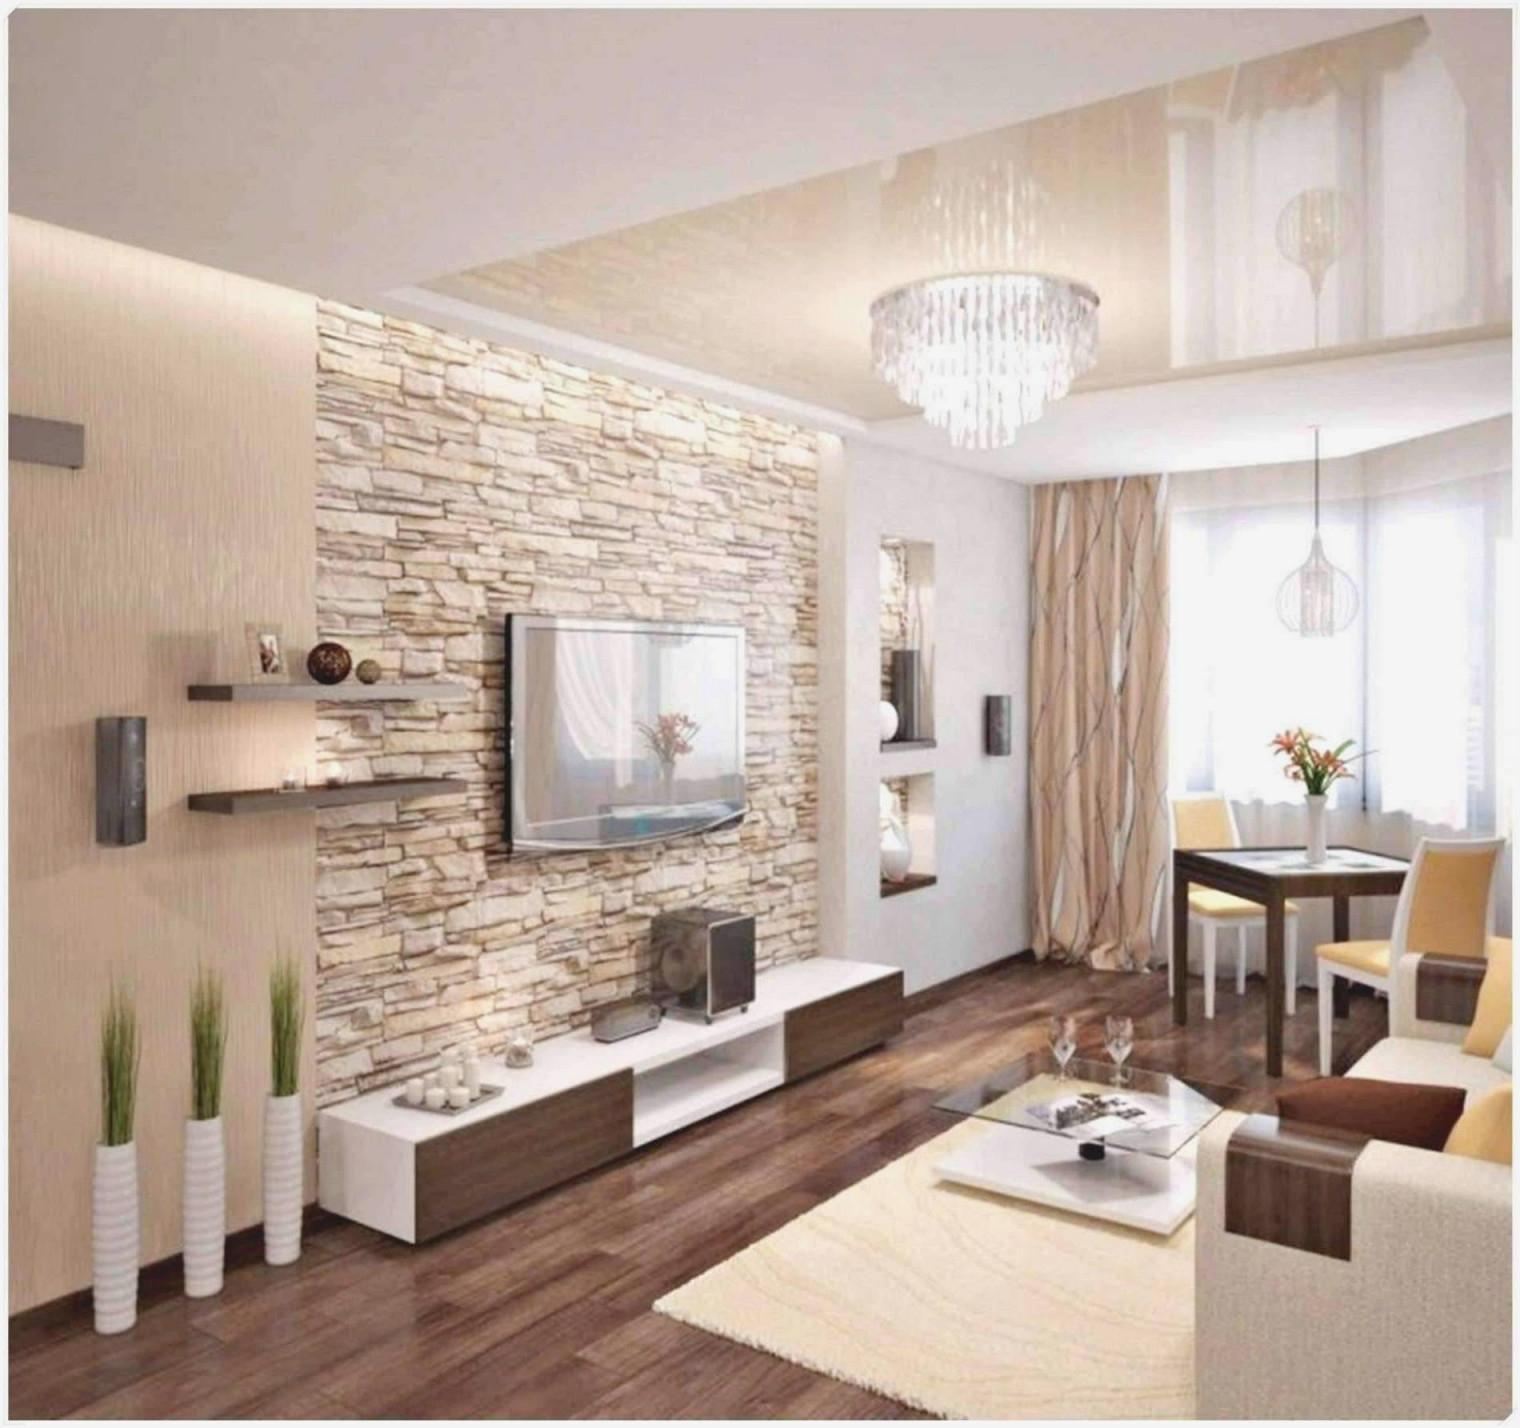 Dekoideen Wohnzimmer Pflanzen  Wohnzimmer  Traumhaus von Deko Ideen Für Wohnzimmer Wand Bild